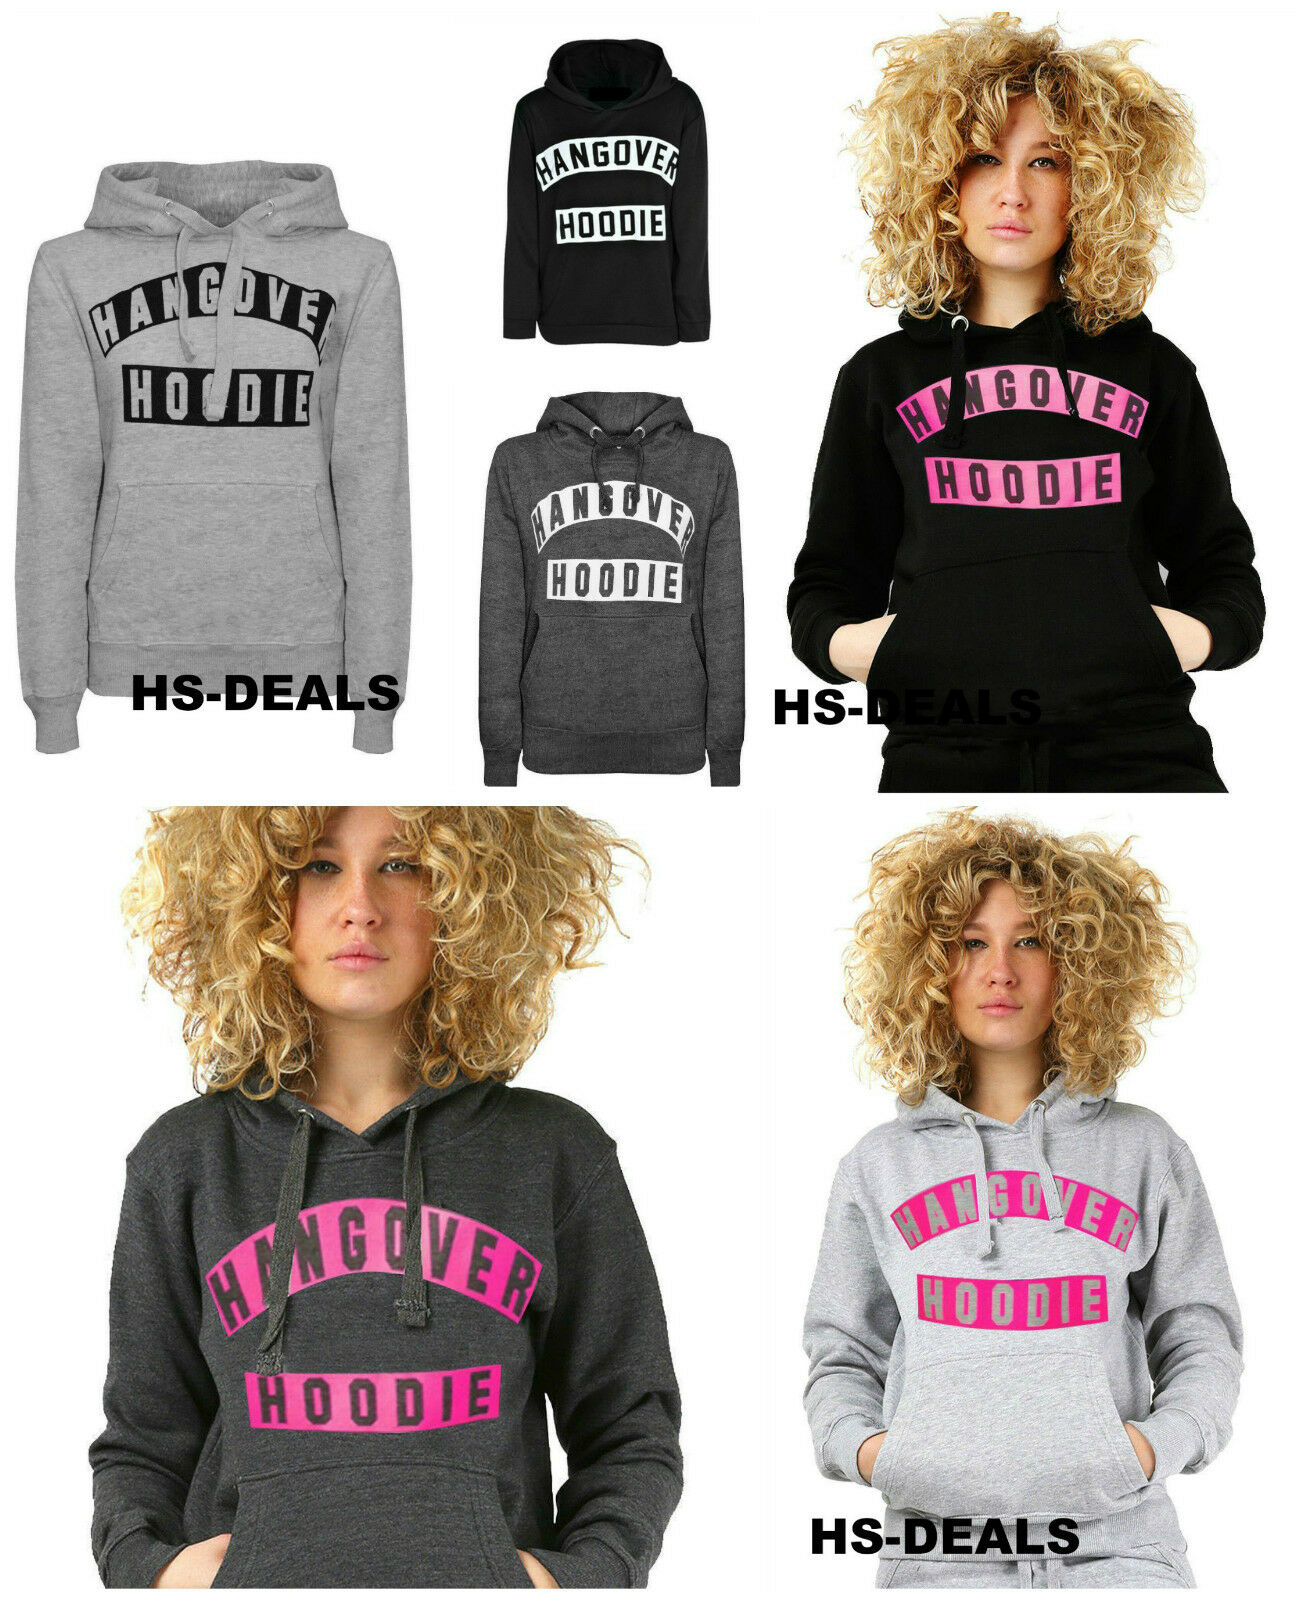 Mesdames femme HANGOVER hoodies dames à manches longues imprimé taille femme Mesdames sweat top 8-14 d442d7